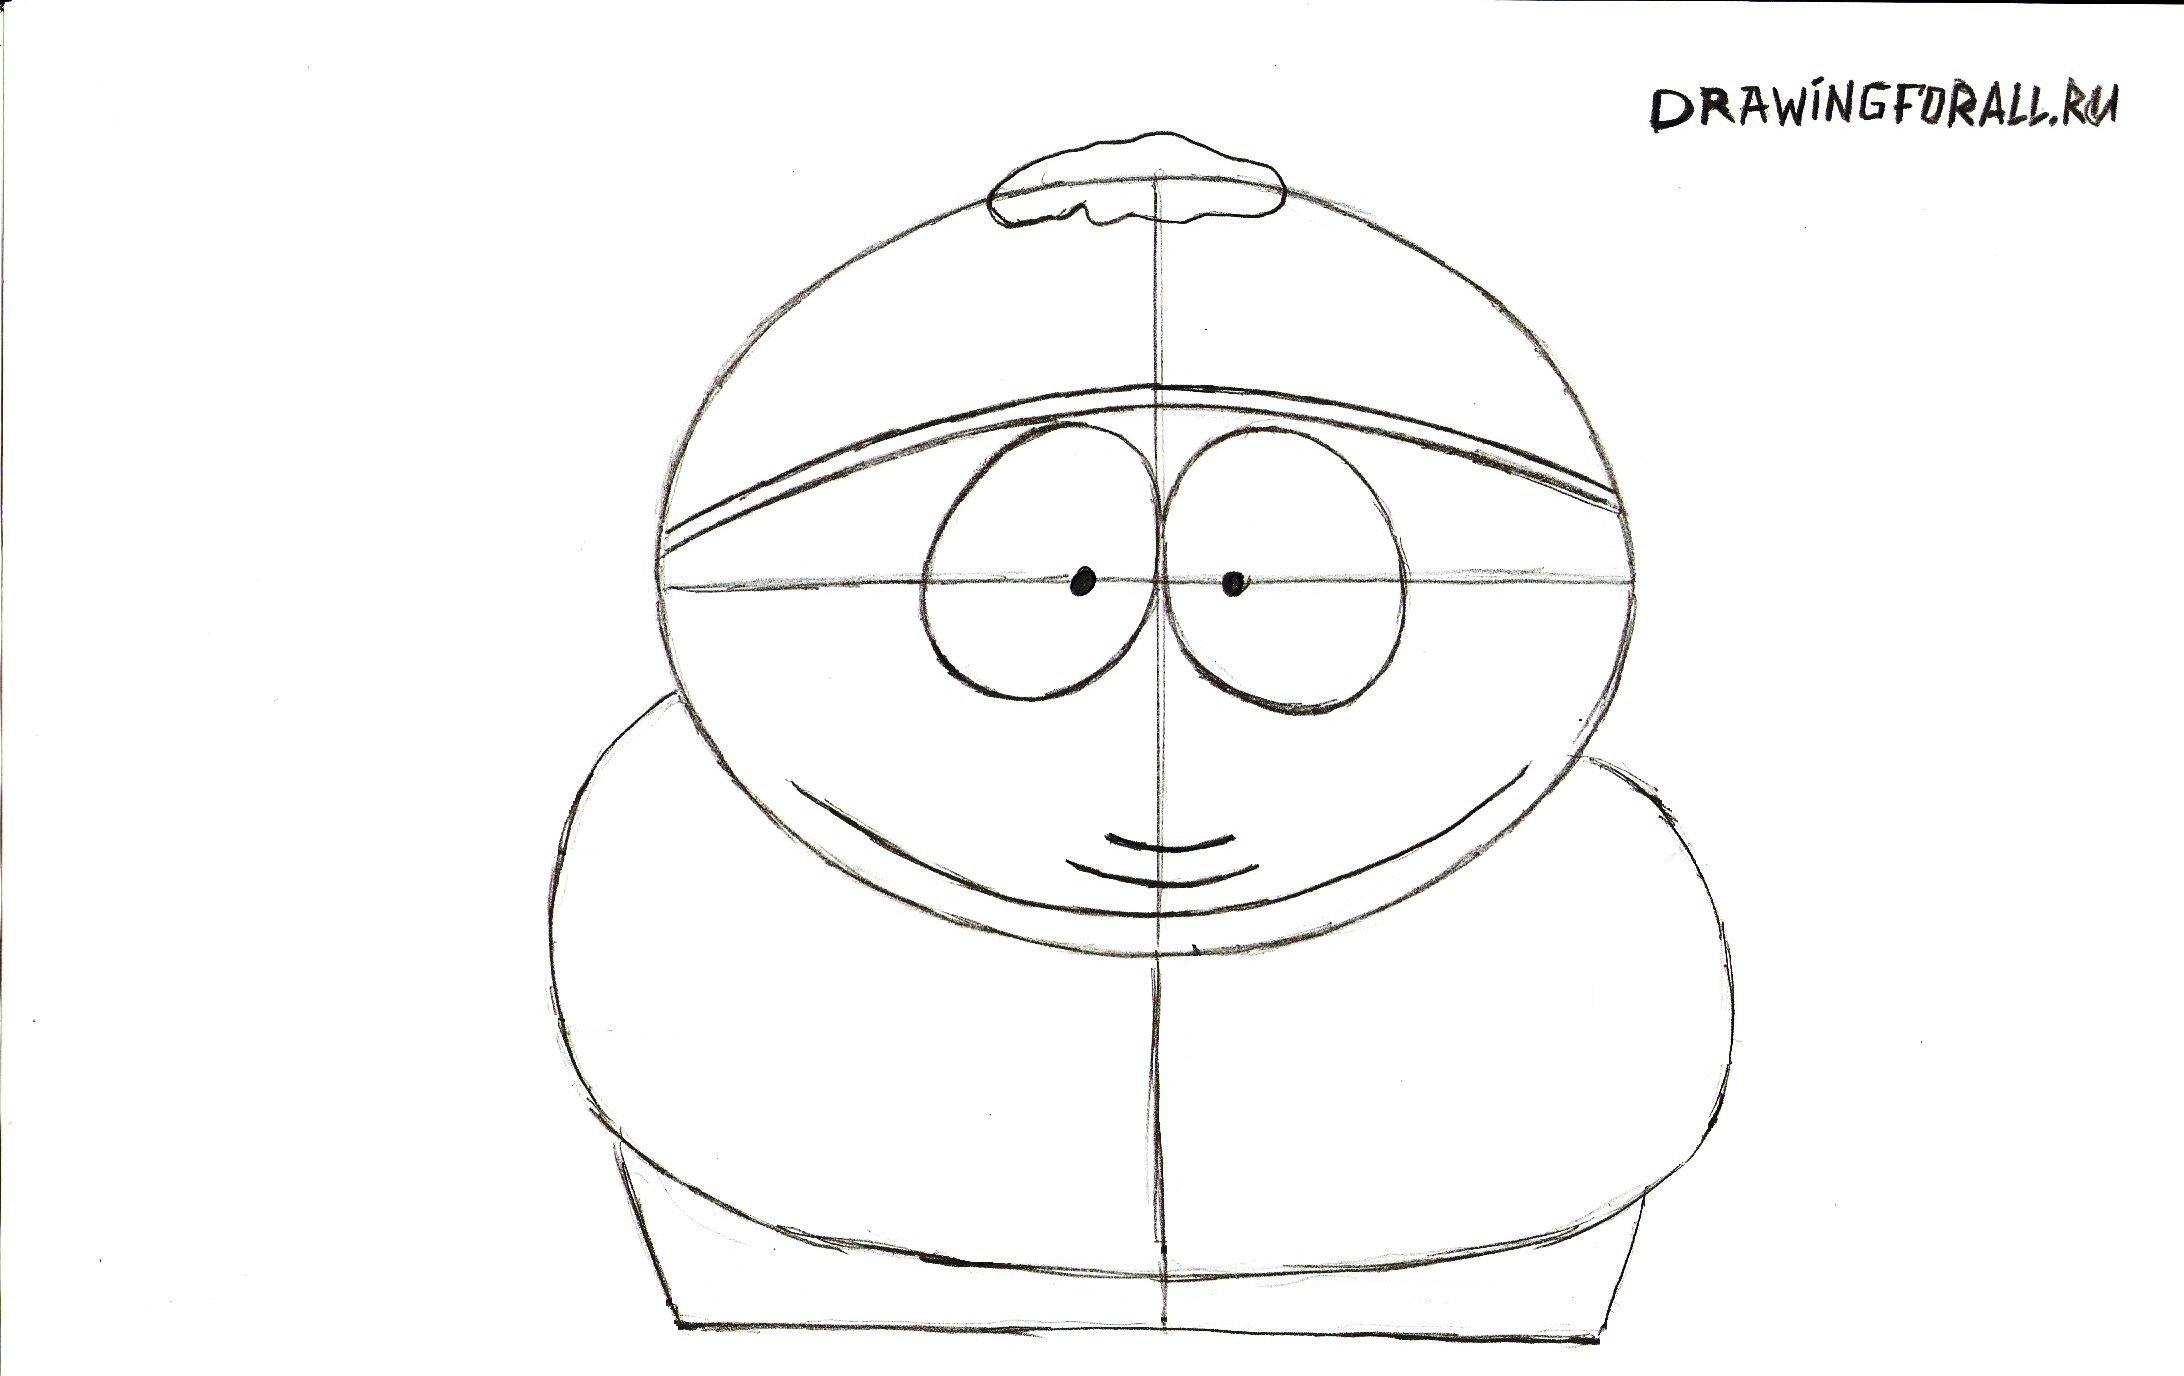 рисуем двойной подбородок Картмана